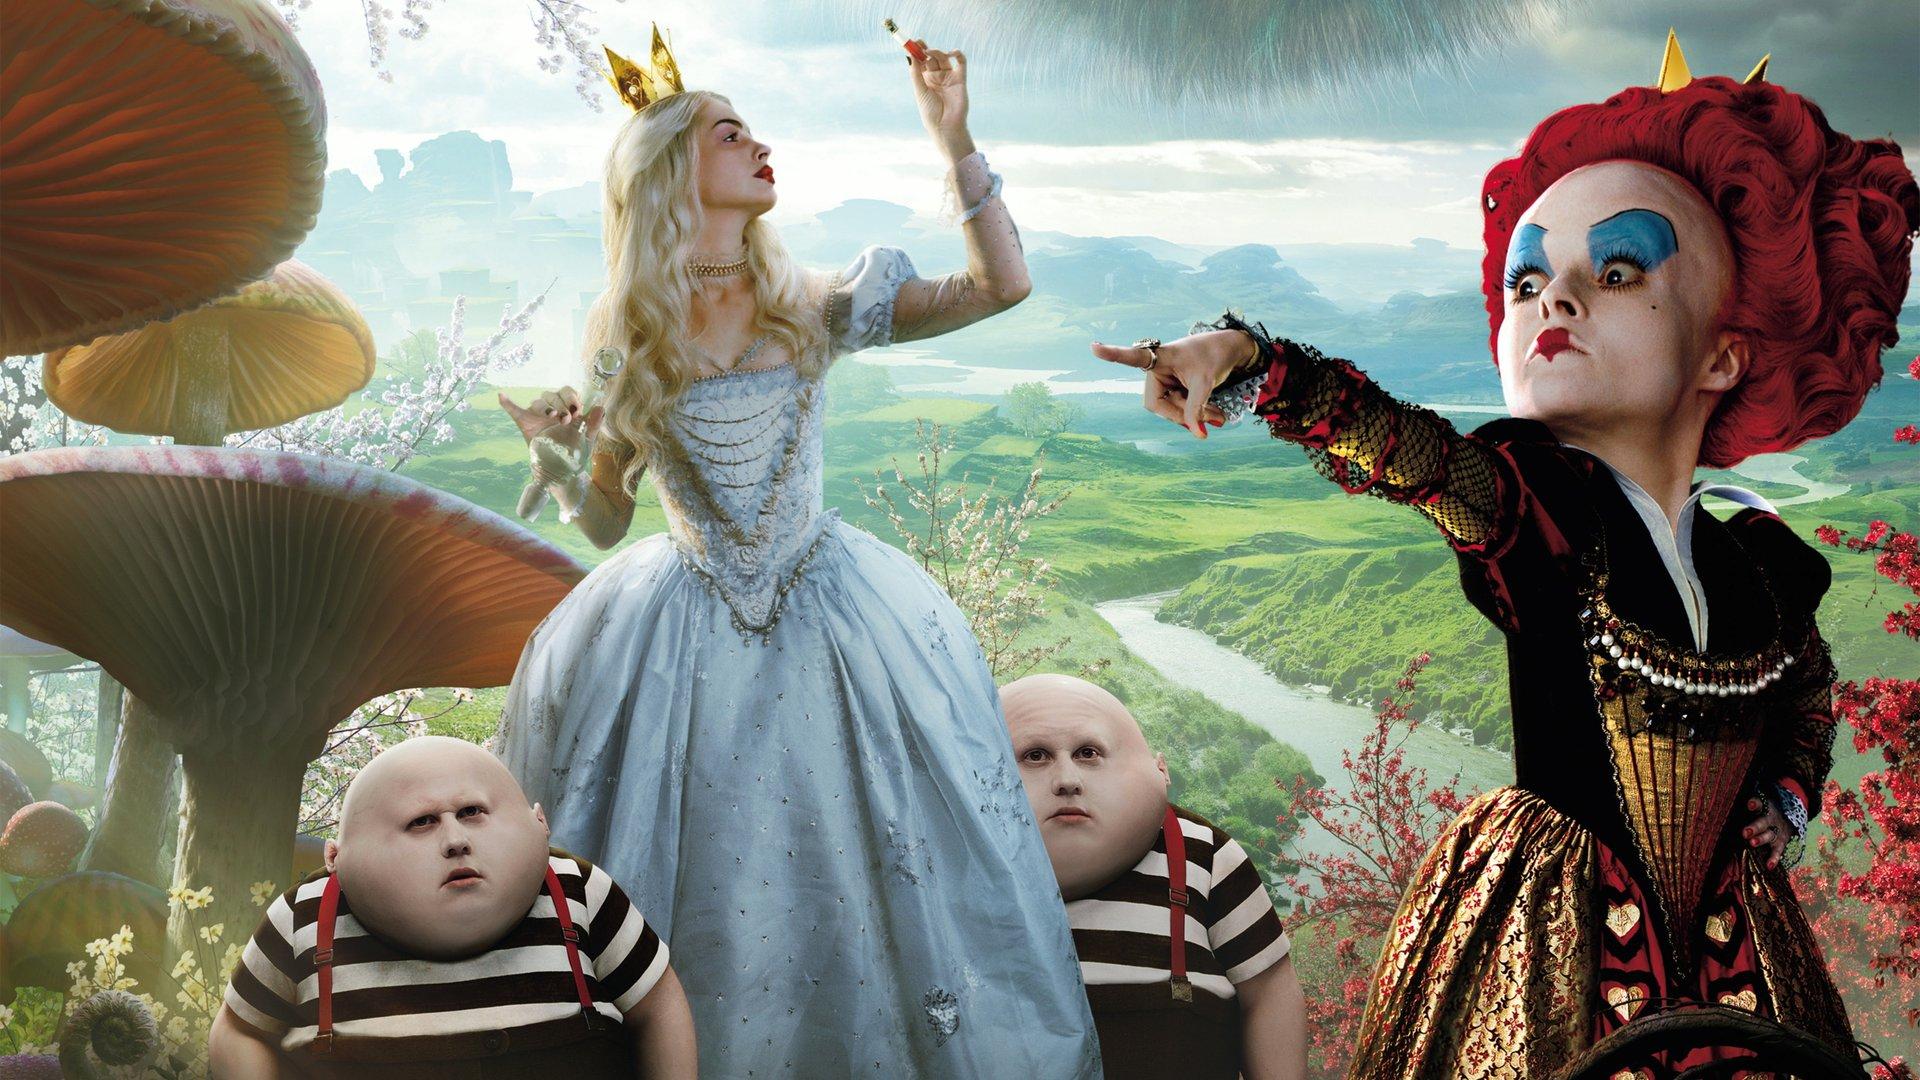 Fakten Und Hintergründe Zum Film Alice Im Wunderland Kino De